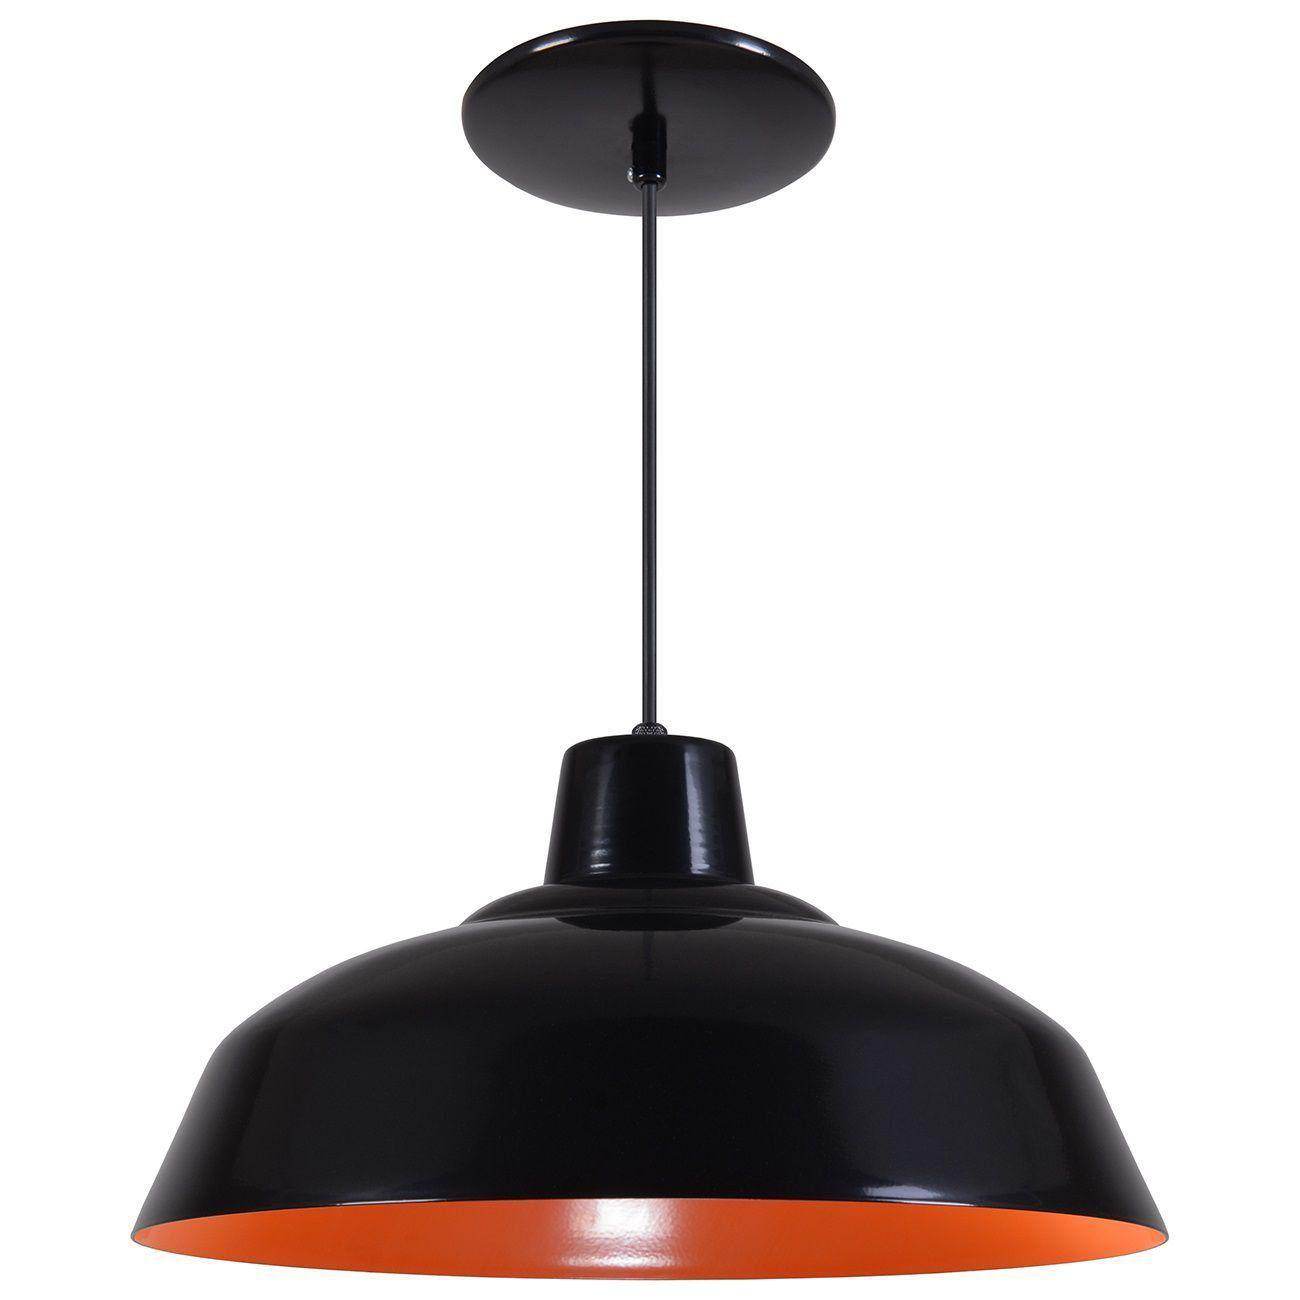 Pendente Retrô 34cm Luminária Lustre Alumínio Preto Fosco C/ Laranja - Rei Da Iluminação